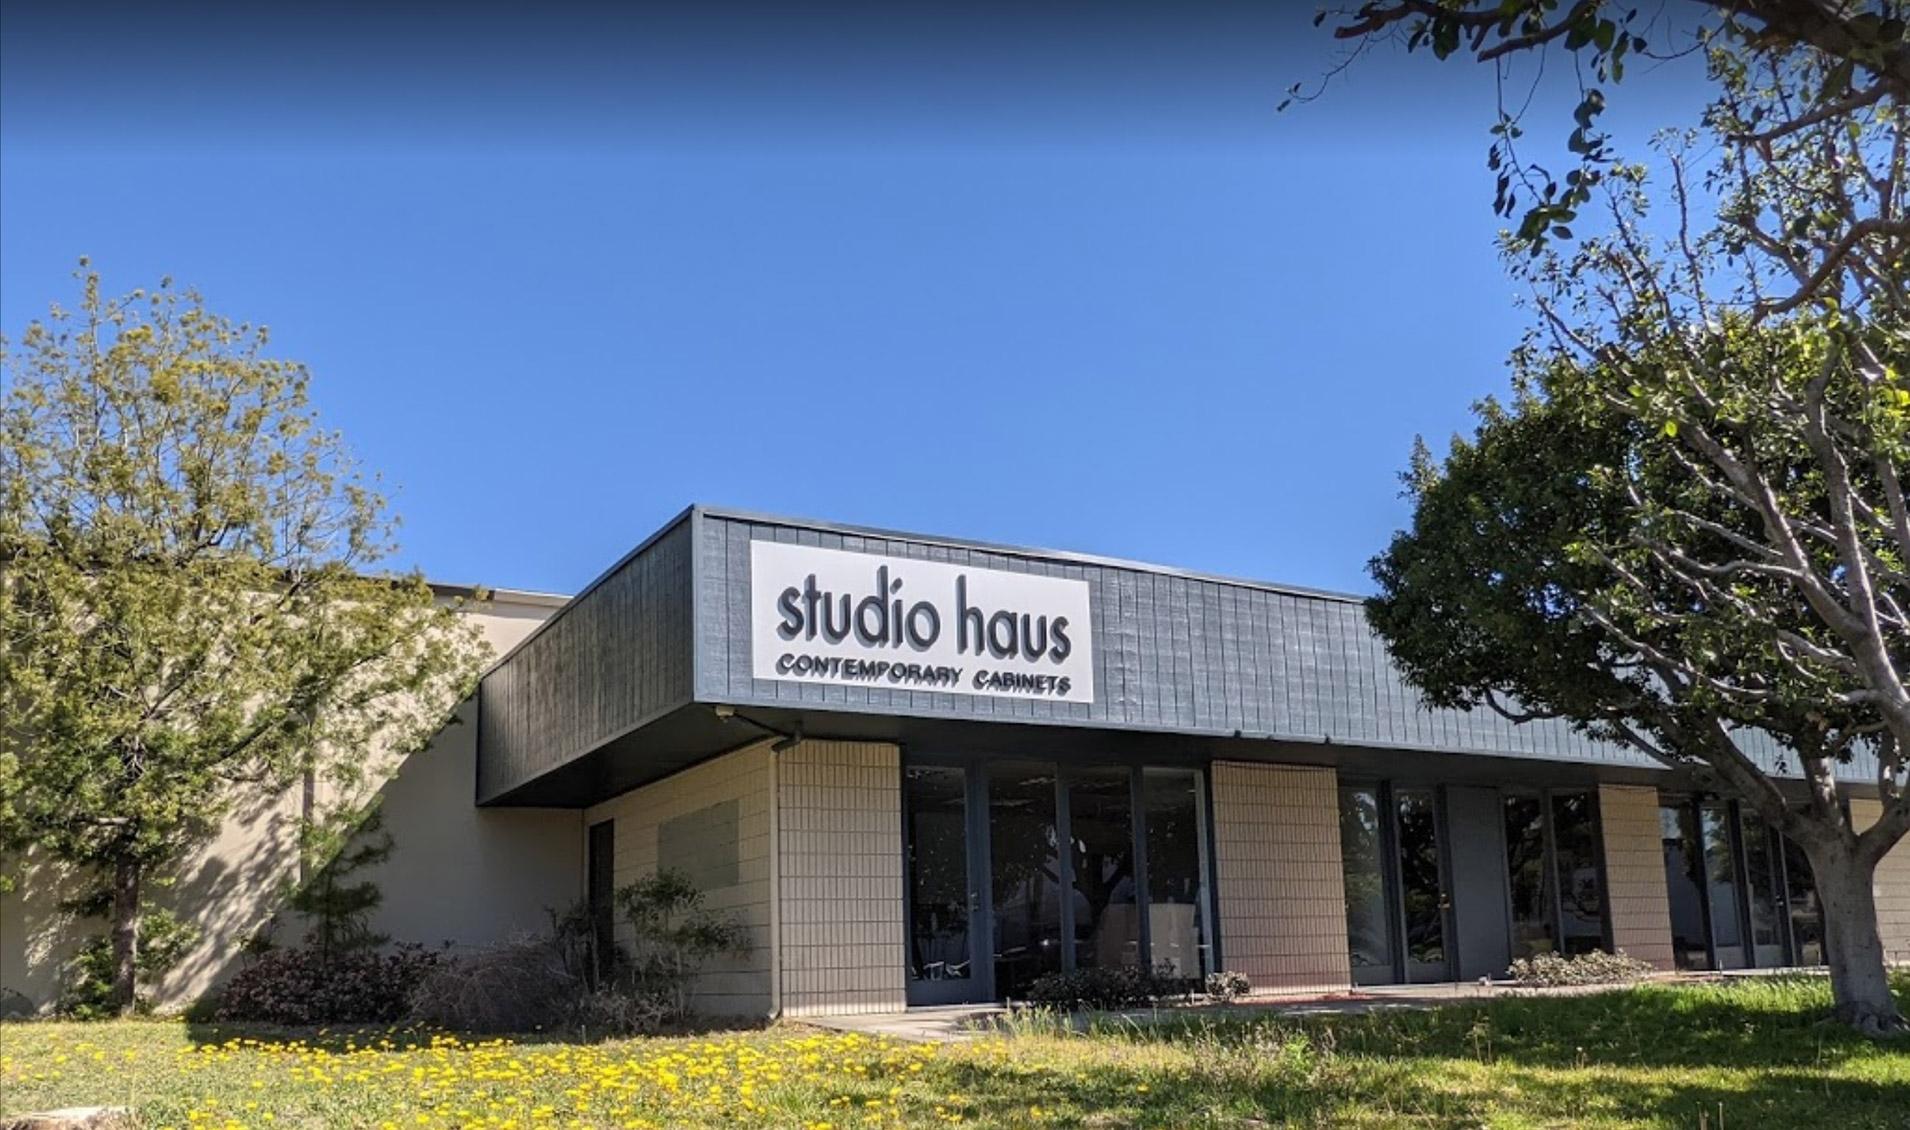 Studio Haus Announces Boutique Showroom Opening in Anaheim, CA